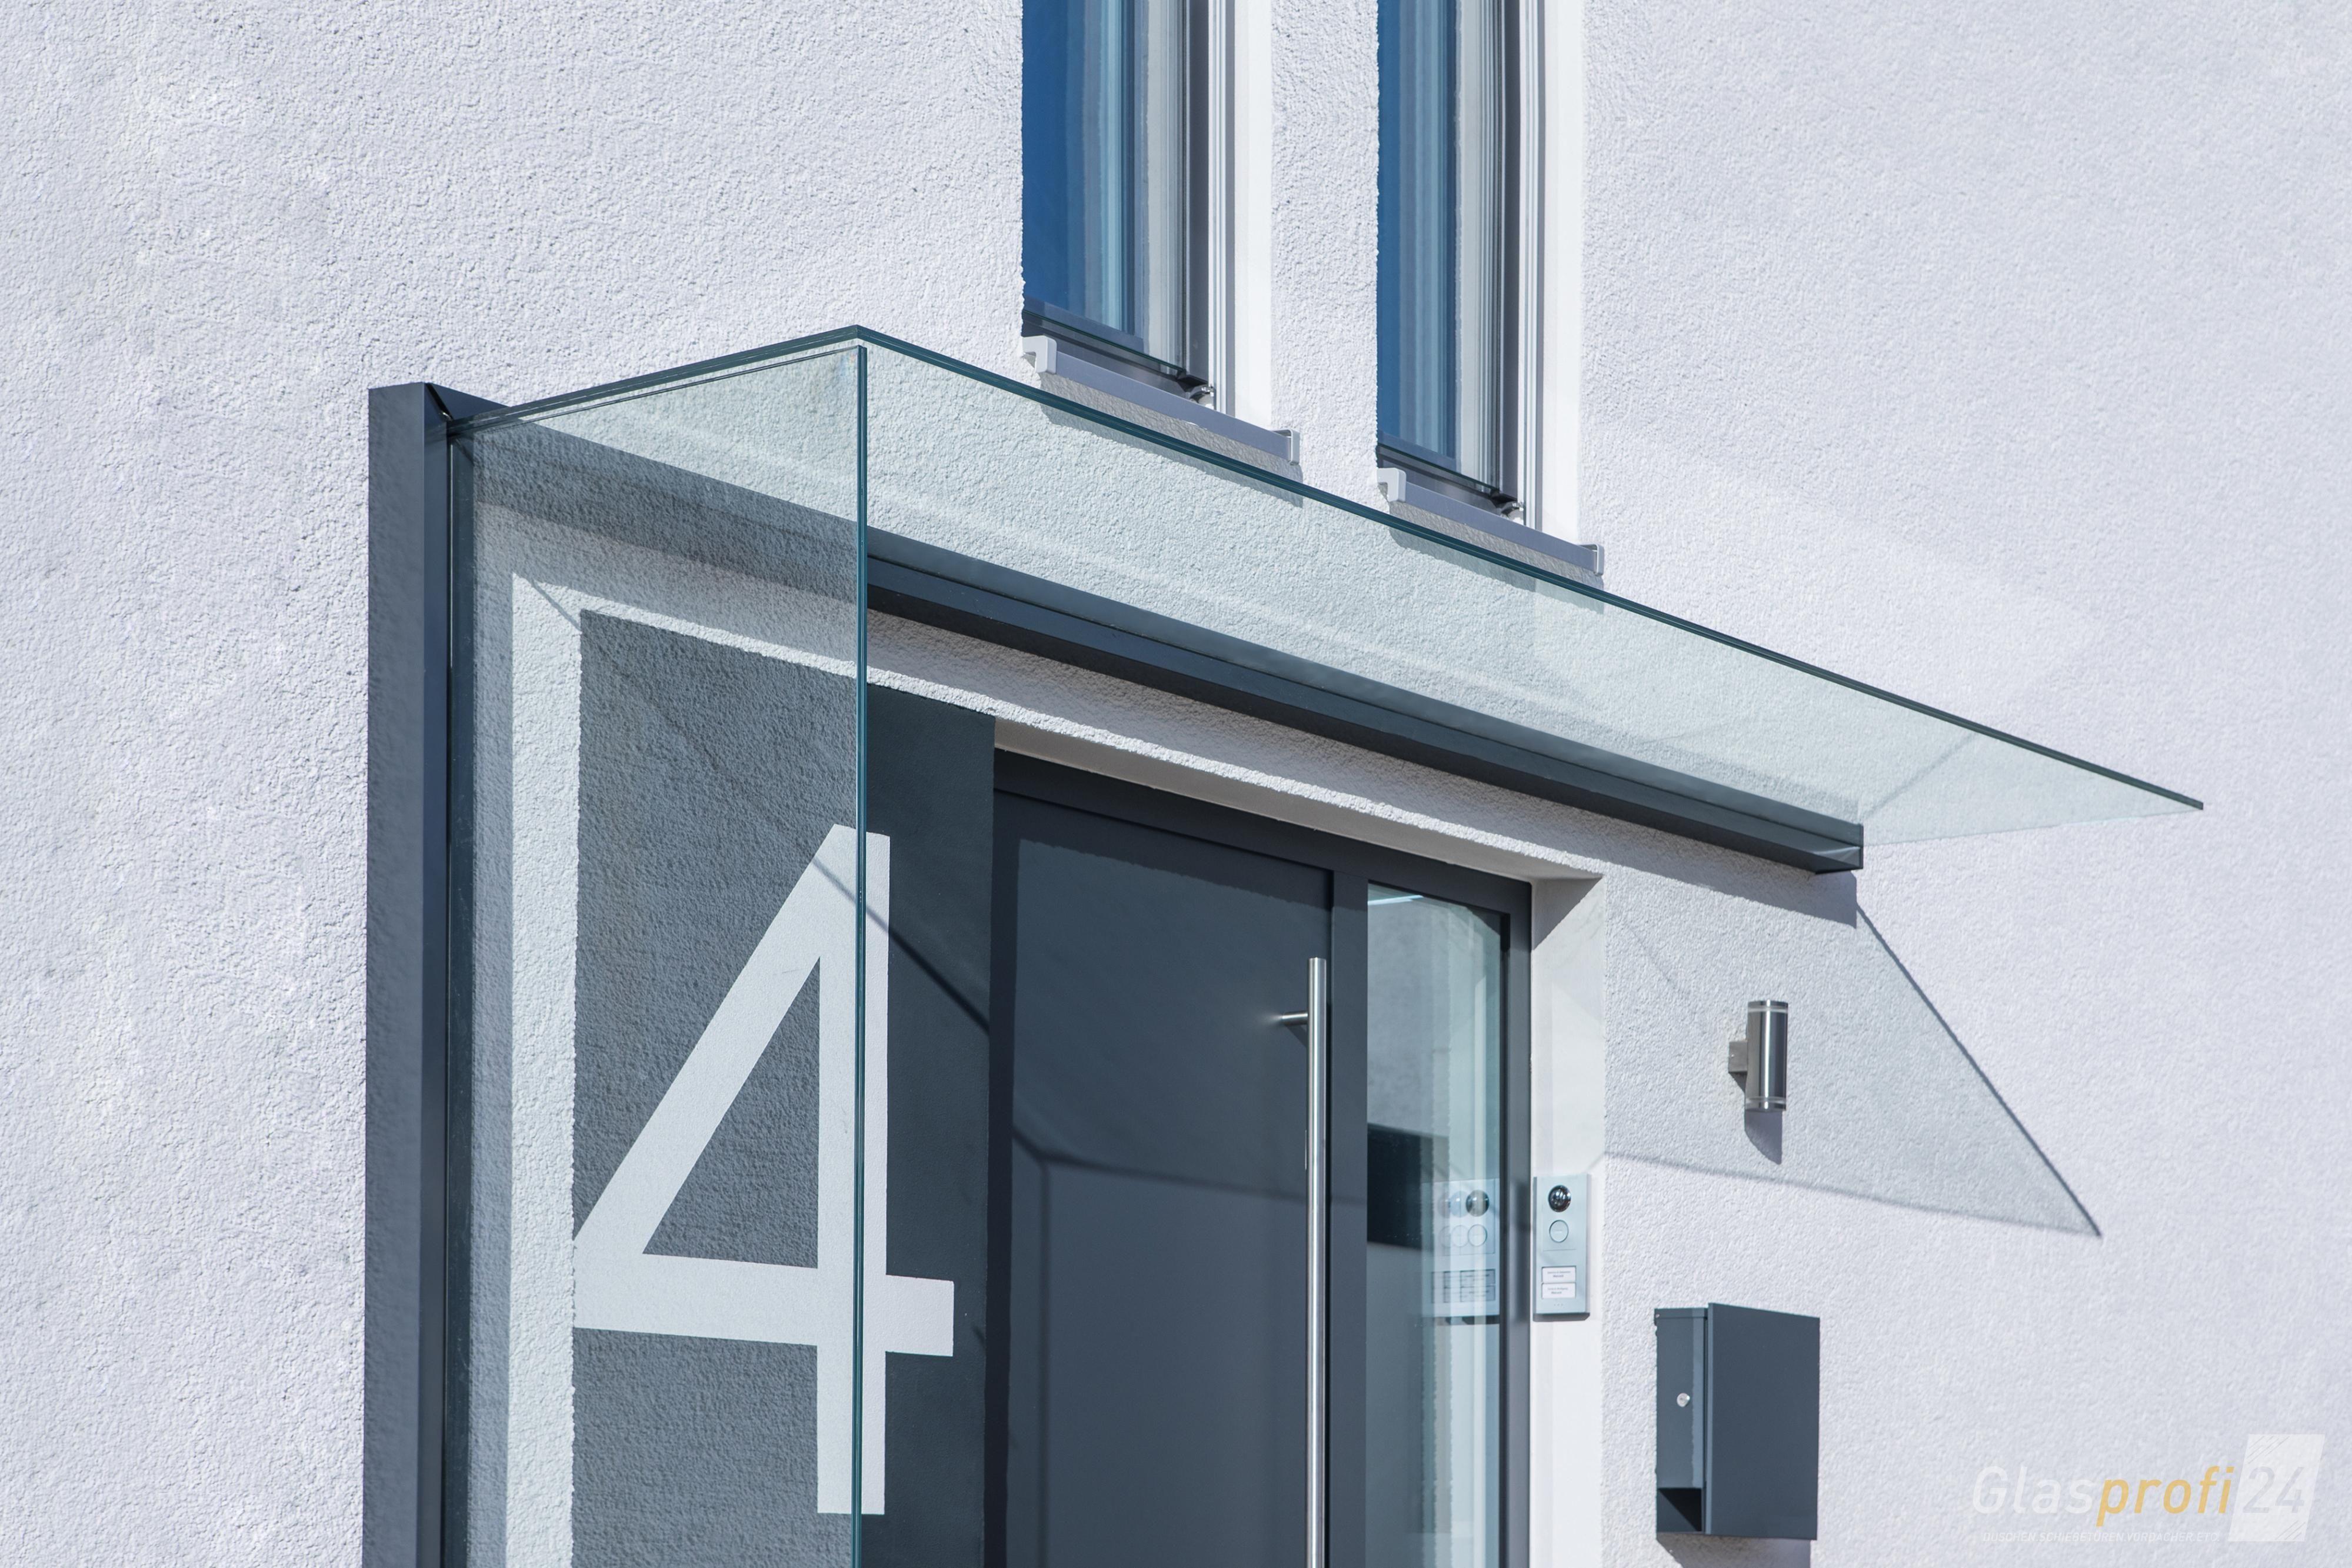 Glas Vordach Duravento Mit Integriertem Seitenwindschutz Haus